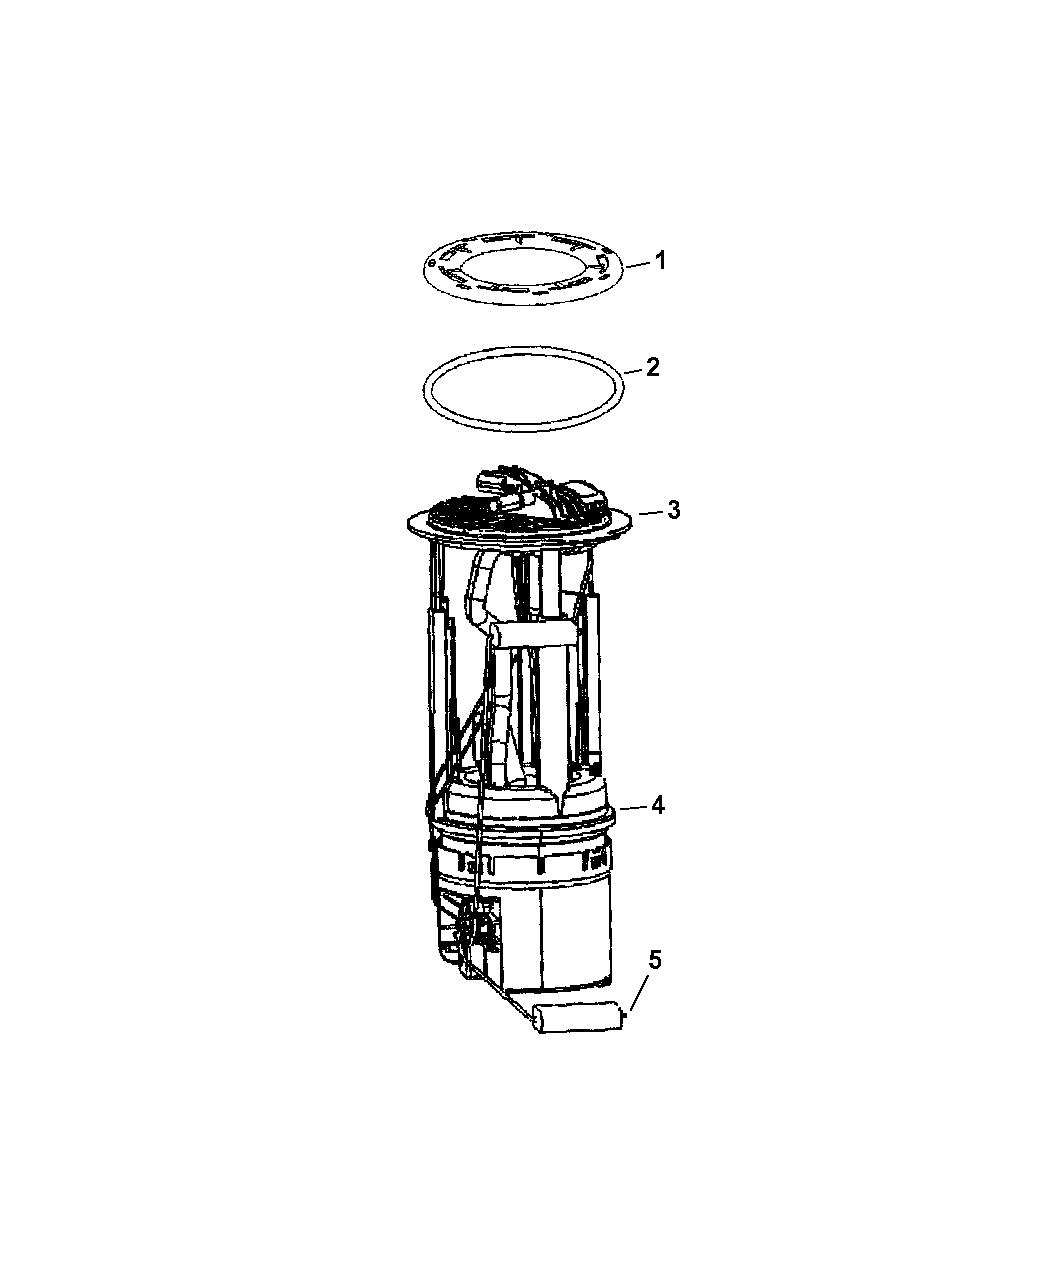 5140832ab Genuine Mopar Module Fuel Pump Level Unit Drawing 2007 Jeep Liberty Sending